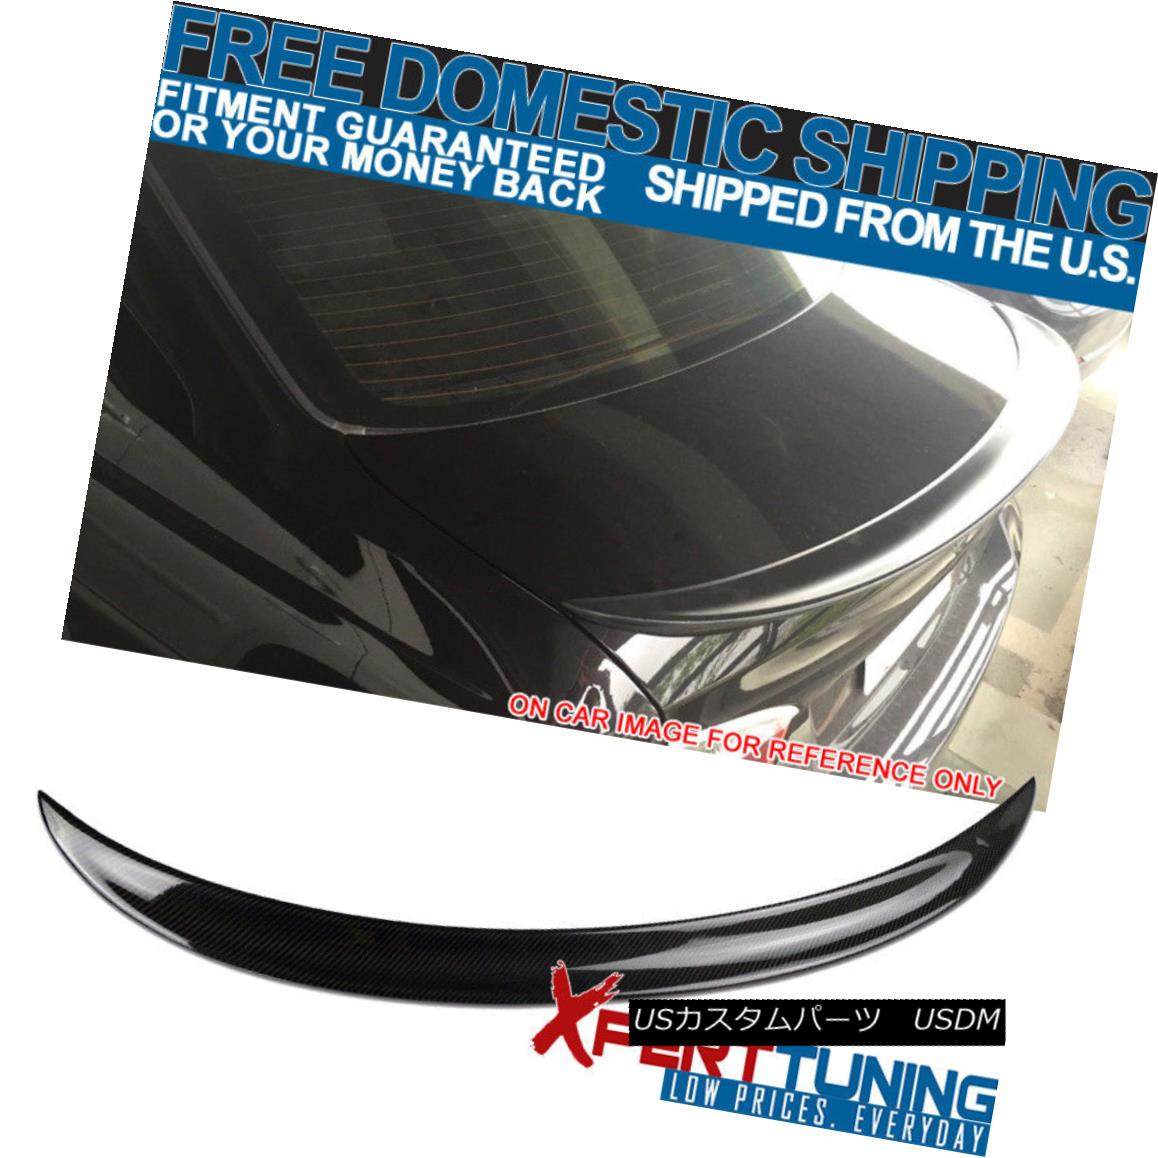 エアロパーツ 06-11 BMW 3 Series E90 P Style Trunk Spoiler Wing - Carbon Fiber 06-11 BMW 3シリーズE90 Pスタイルトランク・スポイラー・ウィング - カーボン・ファイバー